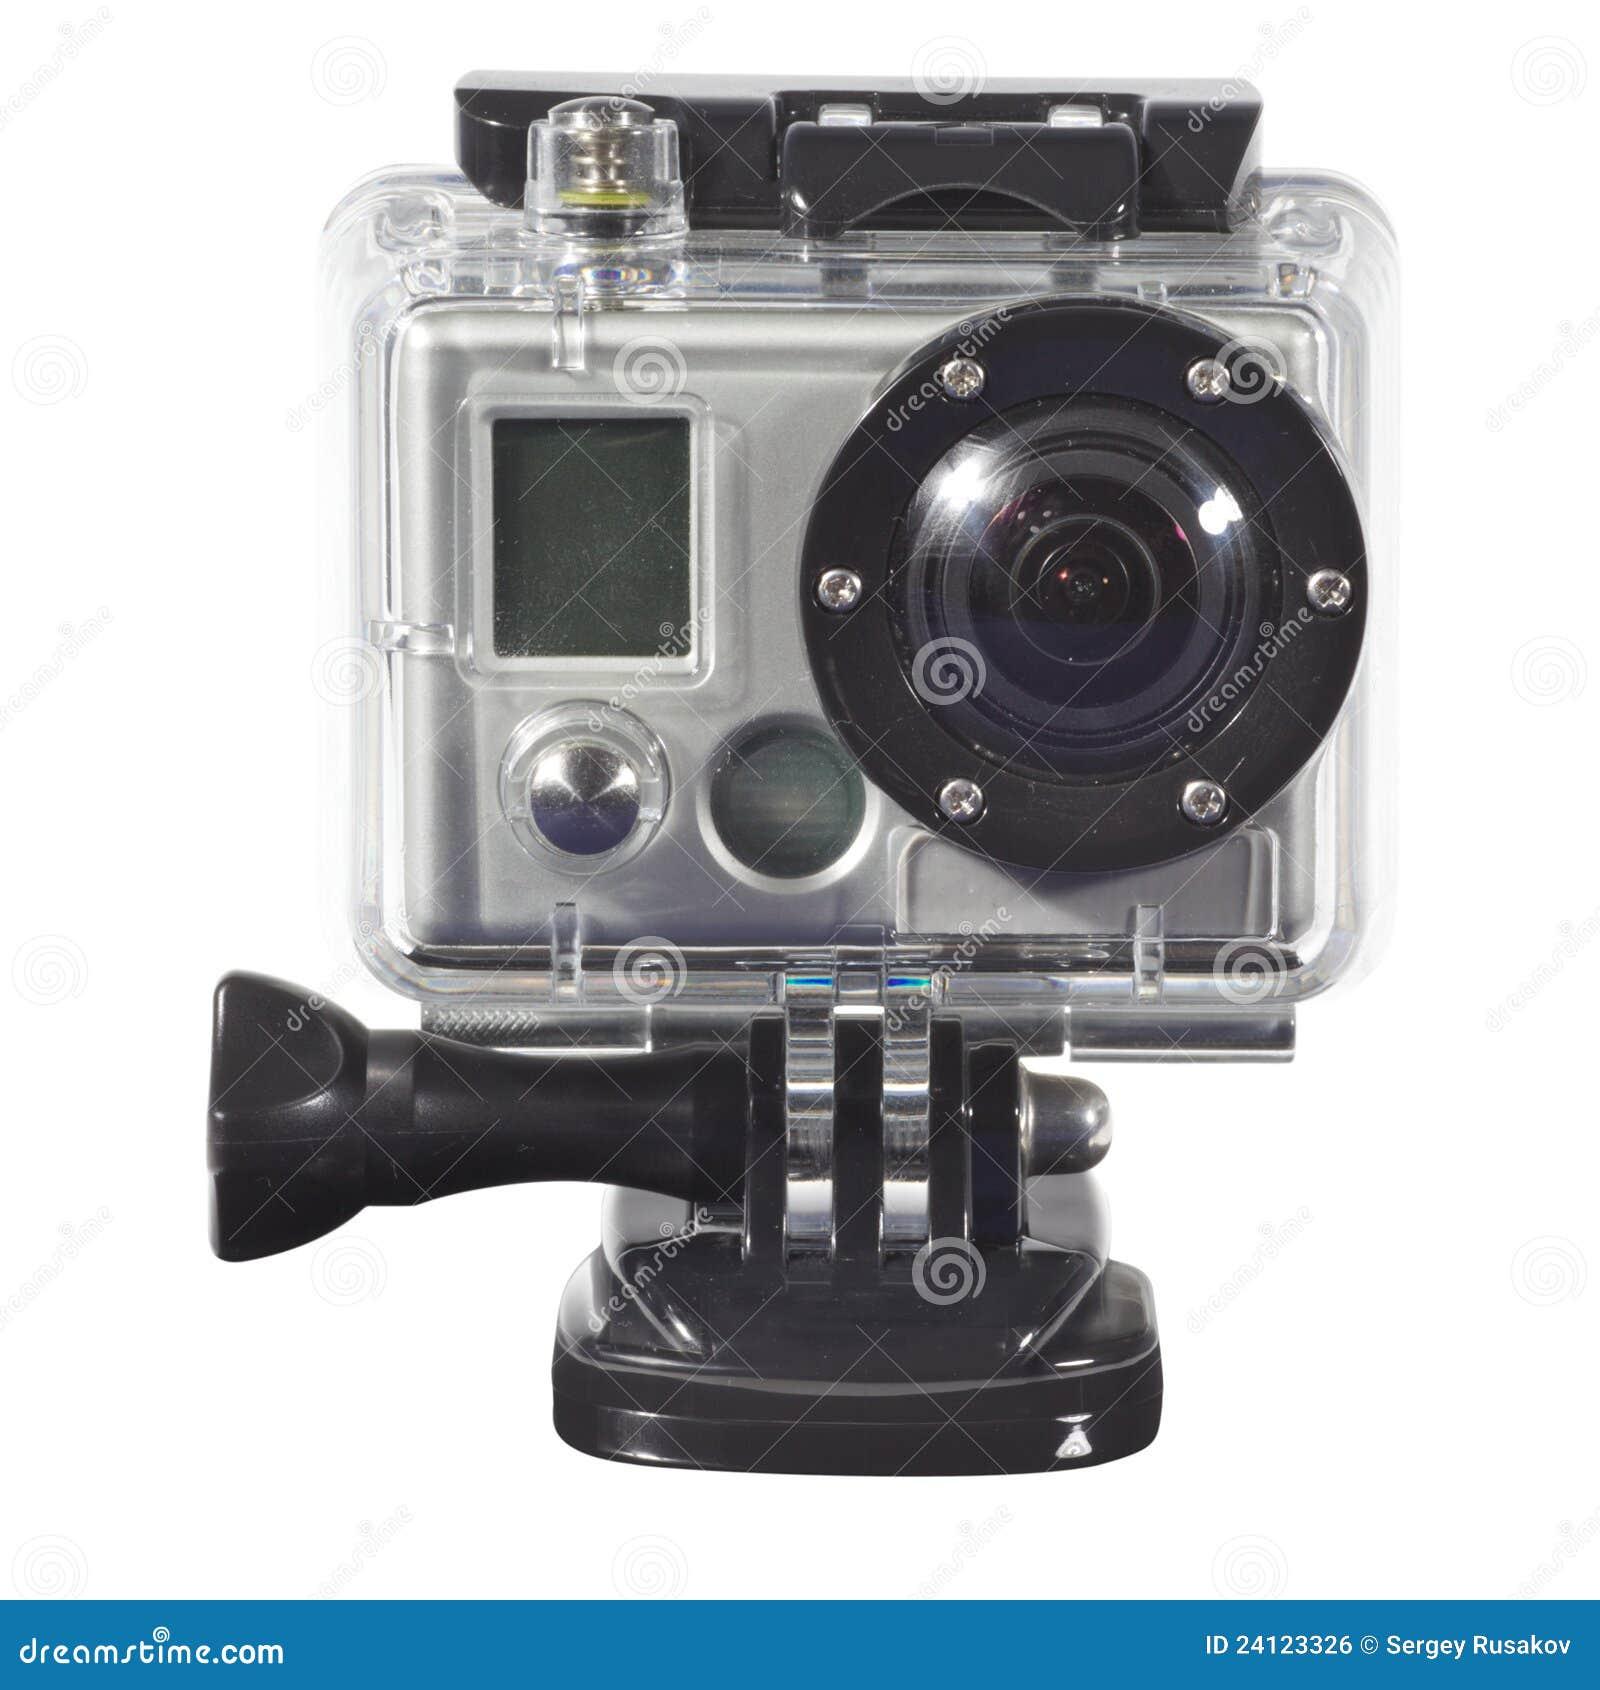 appareil photo dans l'eau